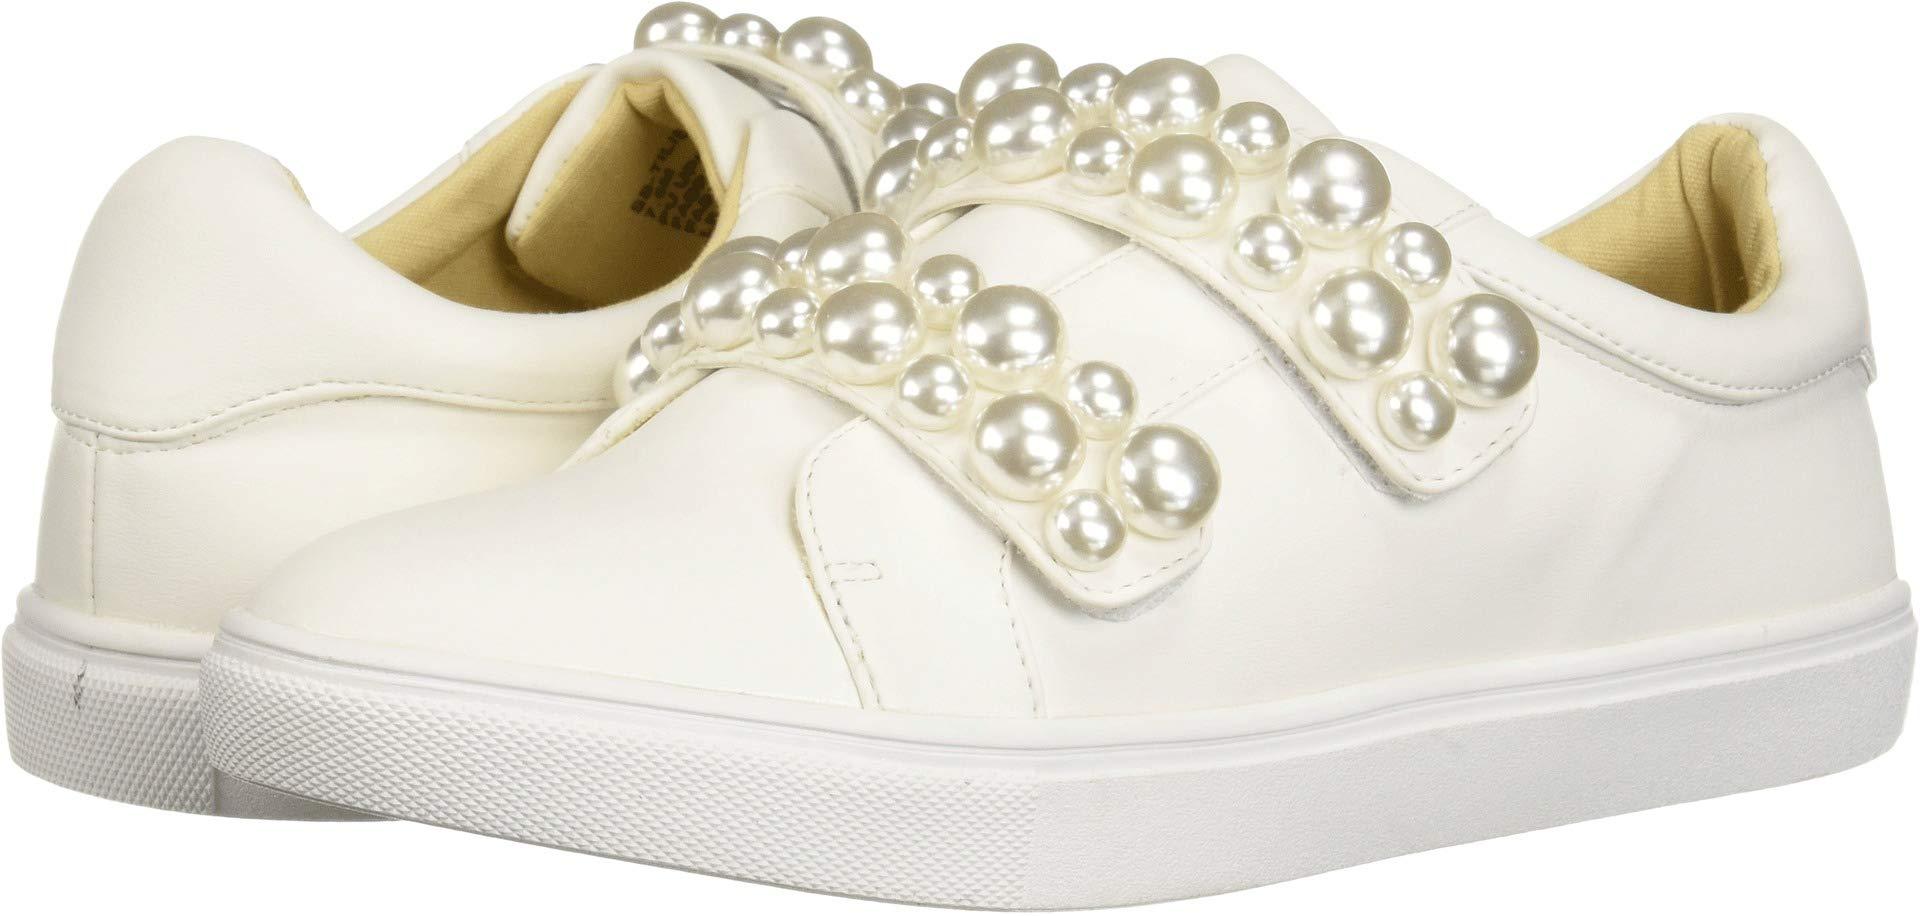 Betsey Johnson Women's SB-Tilie Sneaker, White, 9.5 M US